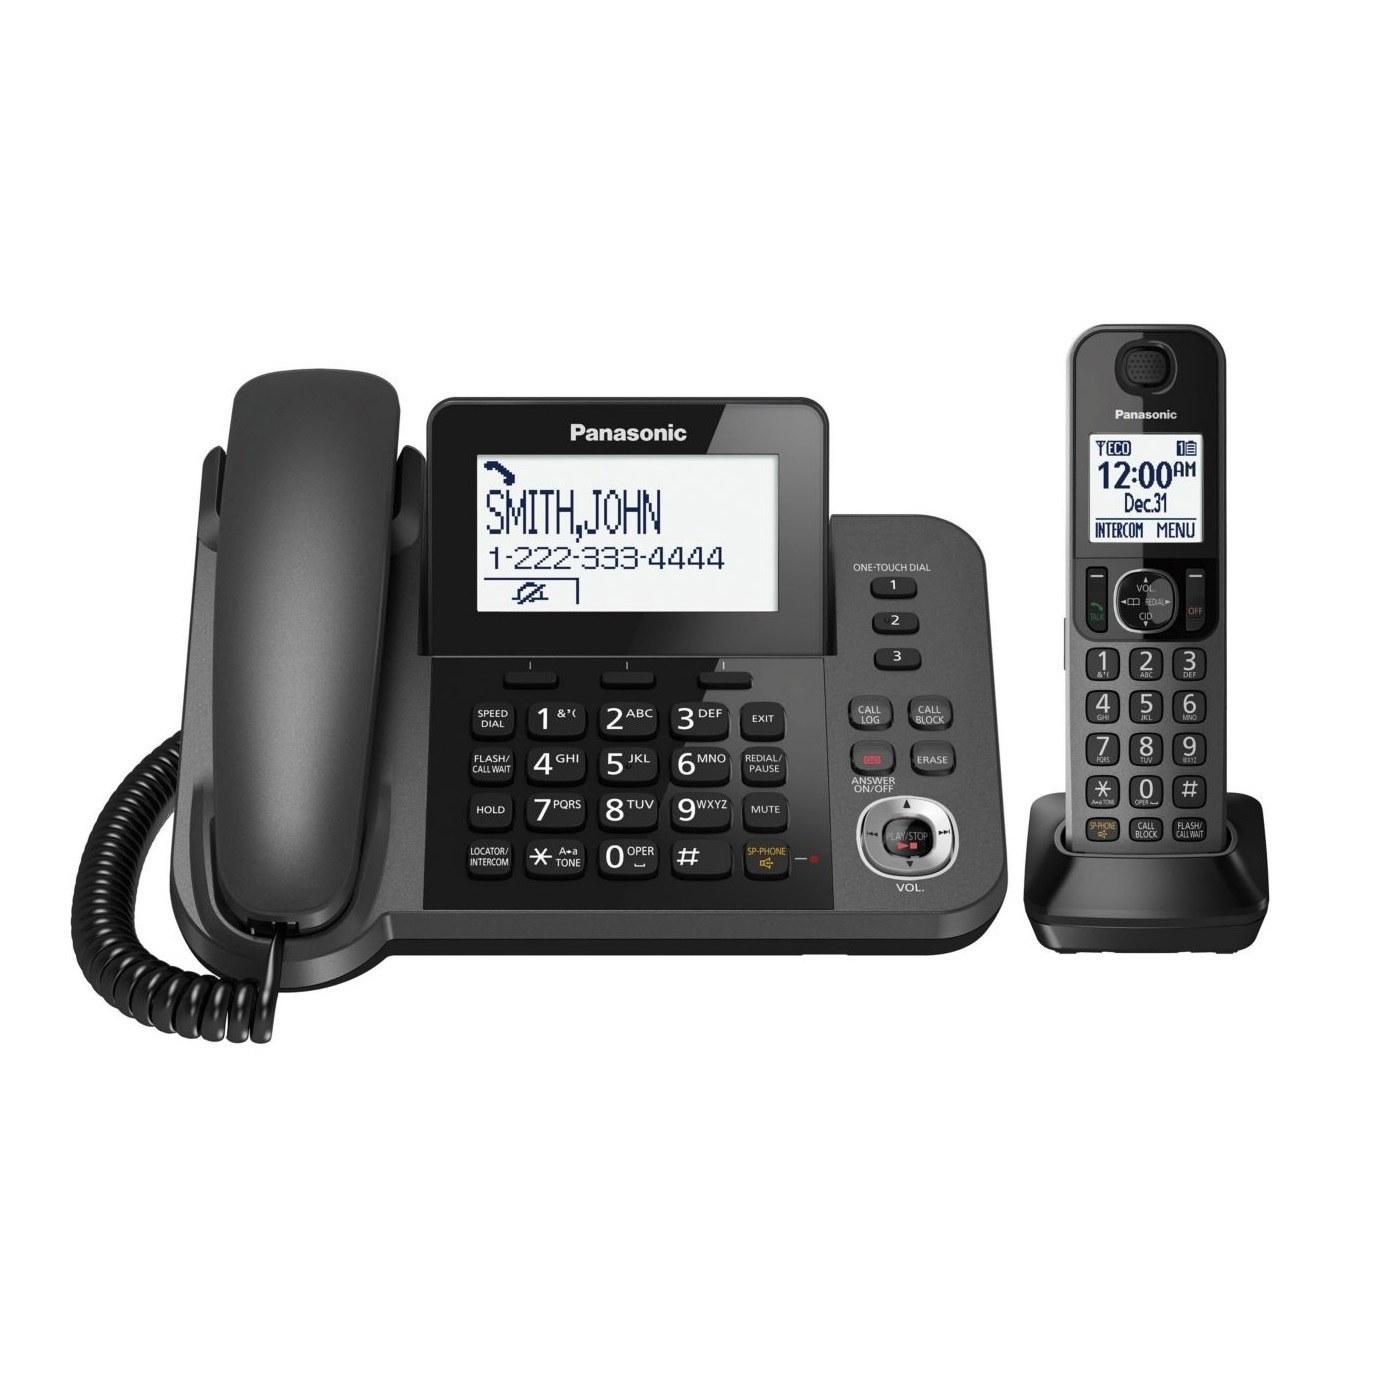 تصویر تلفن بی سیم پاناسونیک مدل KX-TGF350 Panasonic KX-TGF350 Wireless Phone